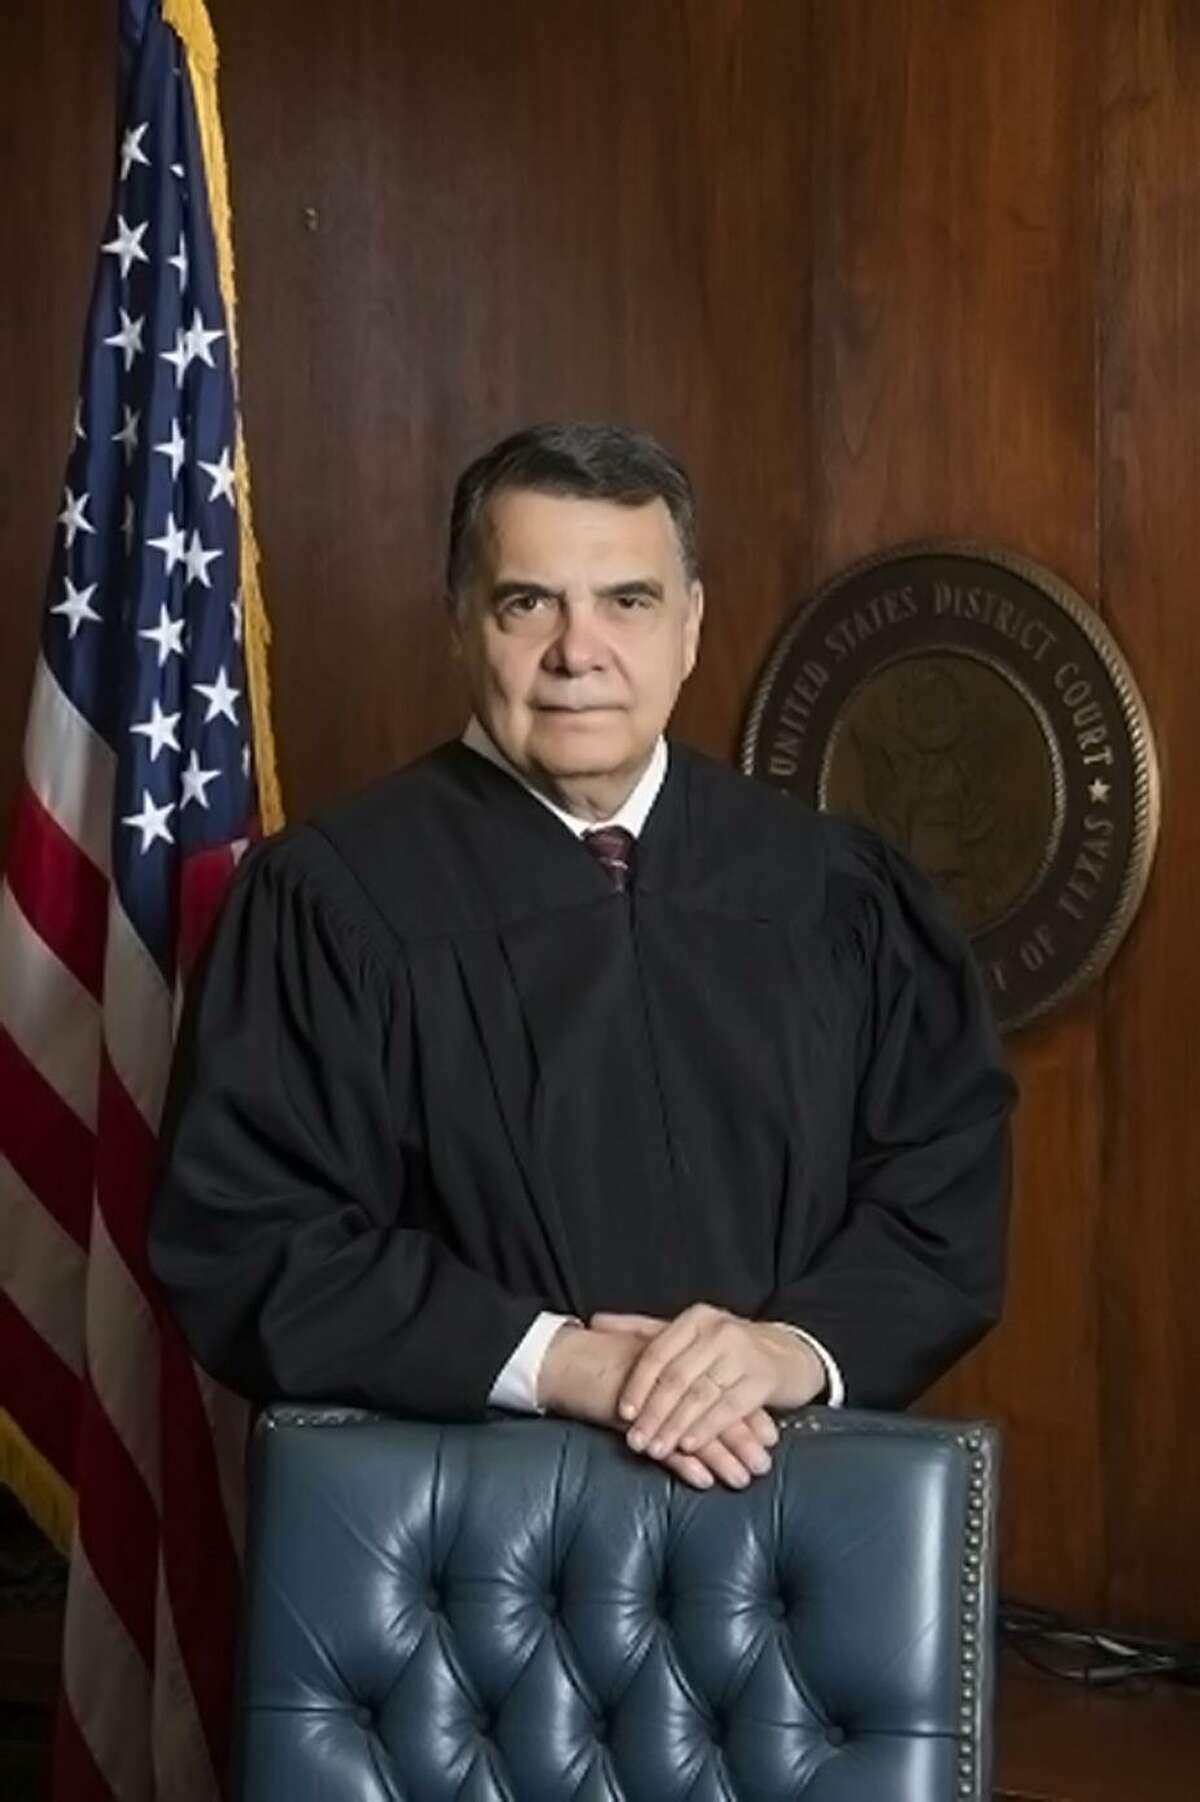 U.S. District Judge Orlando Garcia.